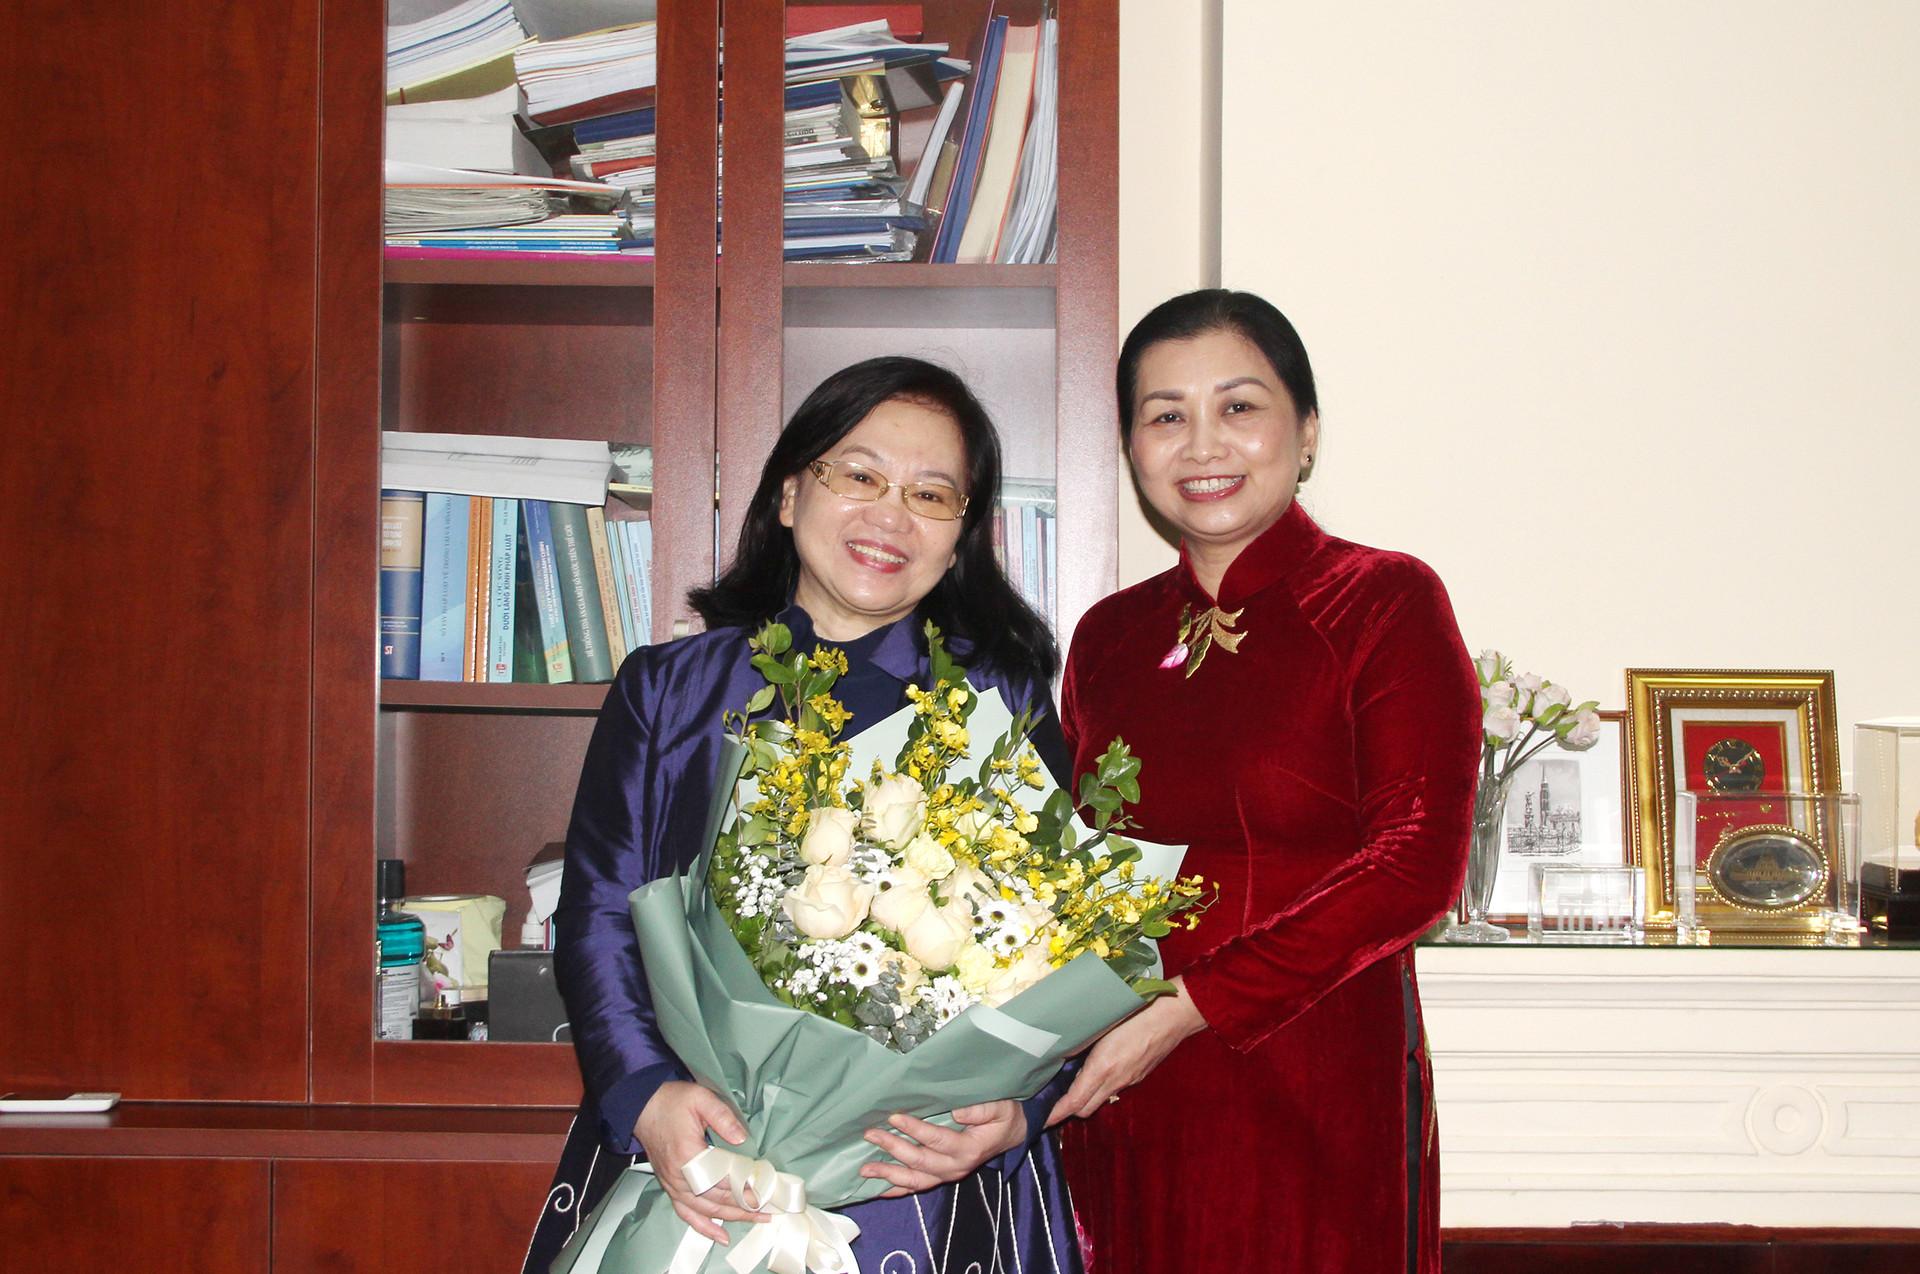 Kỷ niệm 110 năm Ngày Quốc tế phụ nữ 8/3 tại các đơn vị thuộc TANDTC